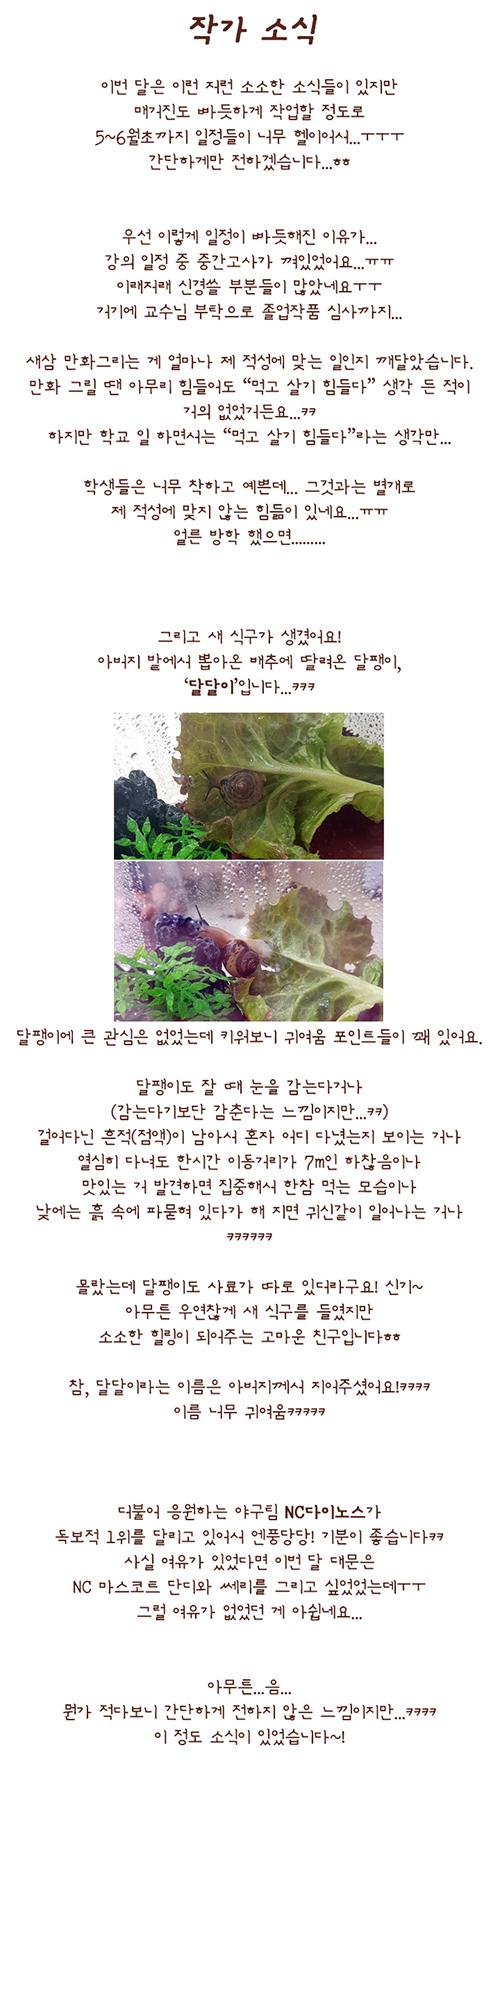 03_5.jpg